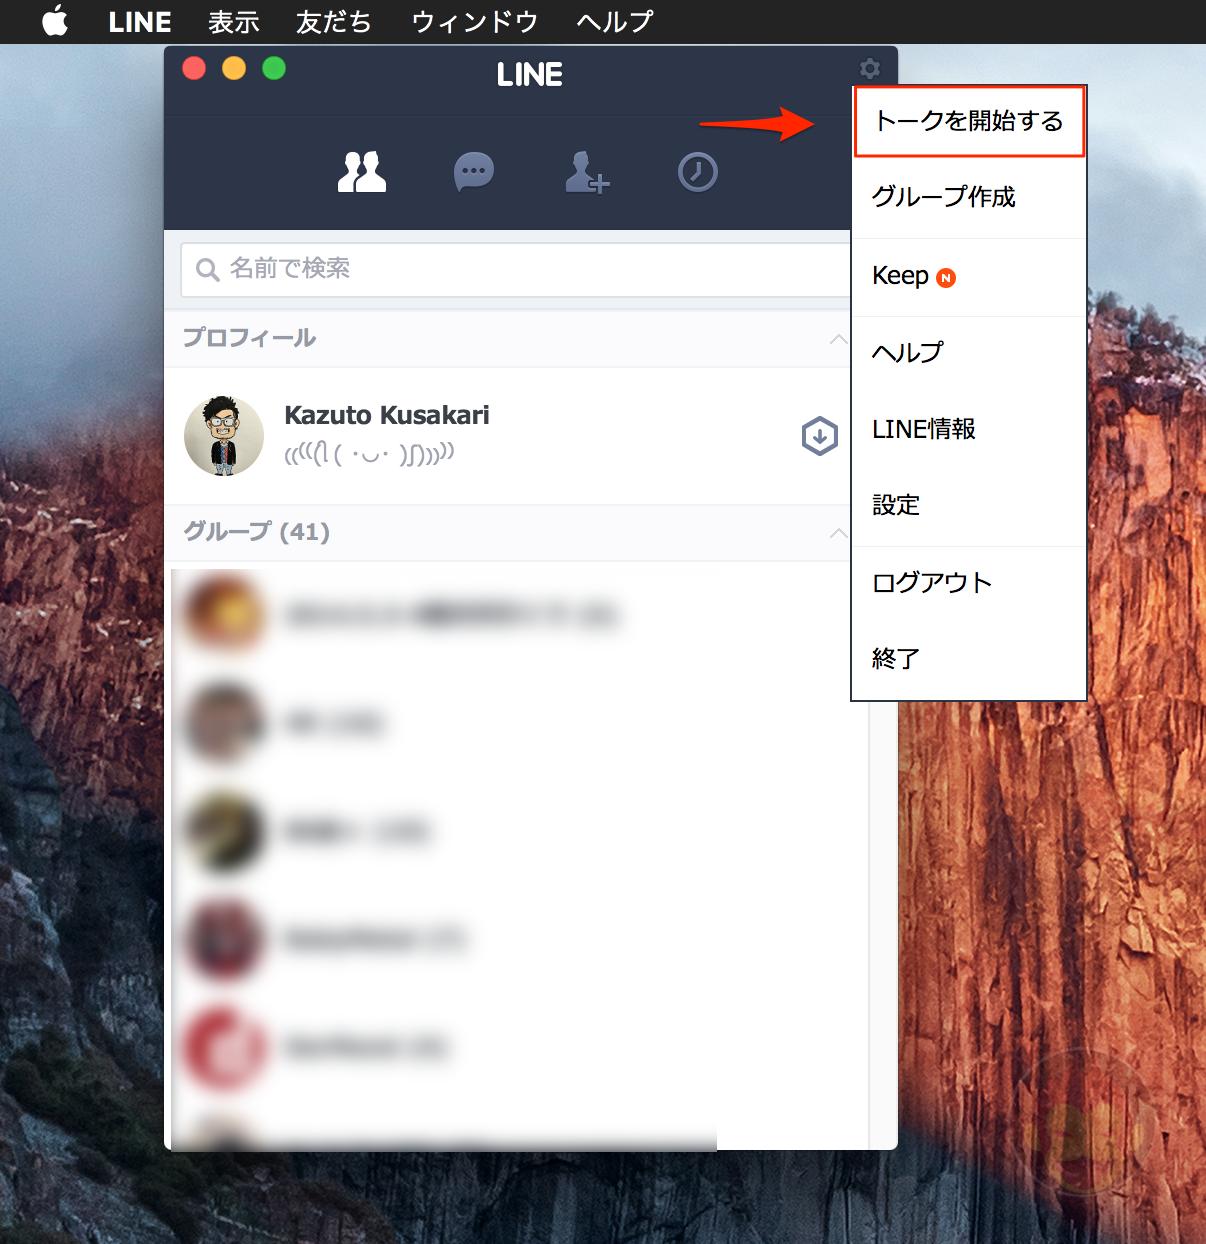 Mac版LINEで複数人トーク・グループチャットを新規作成する方法